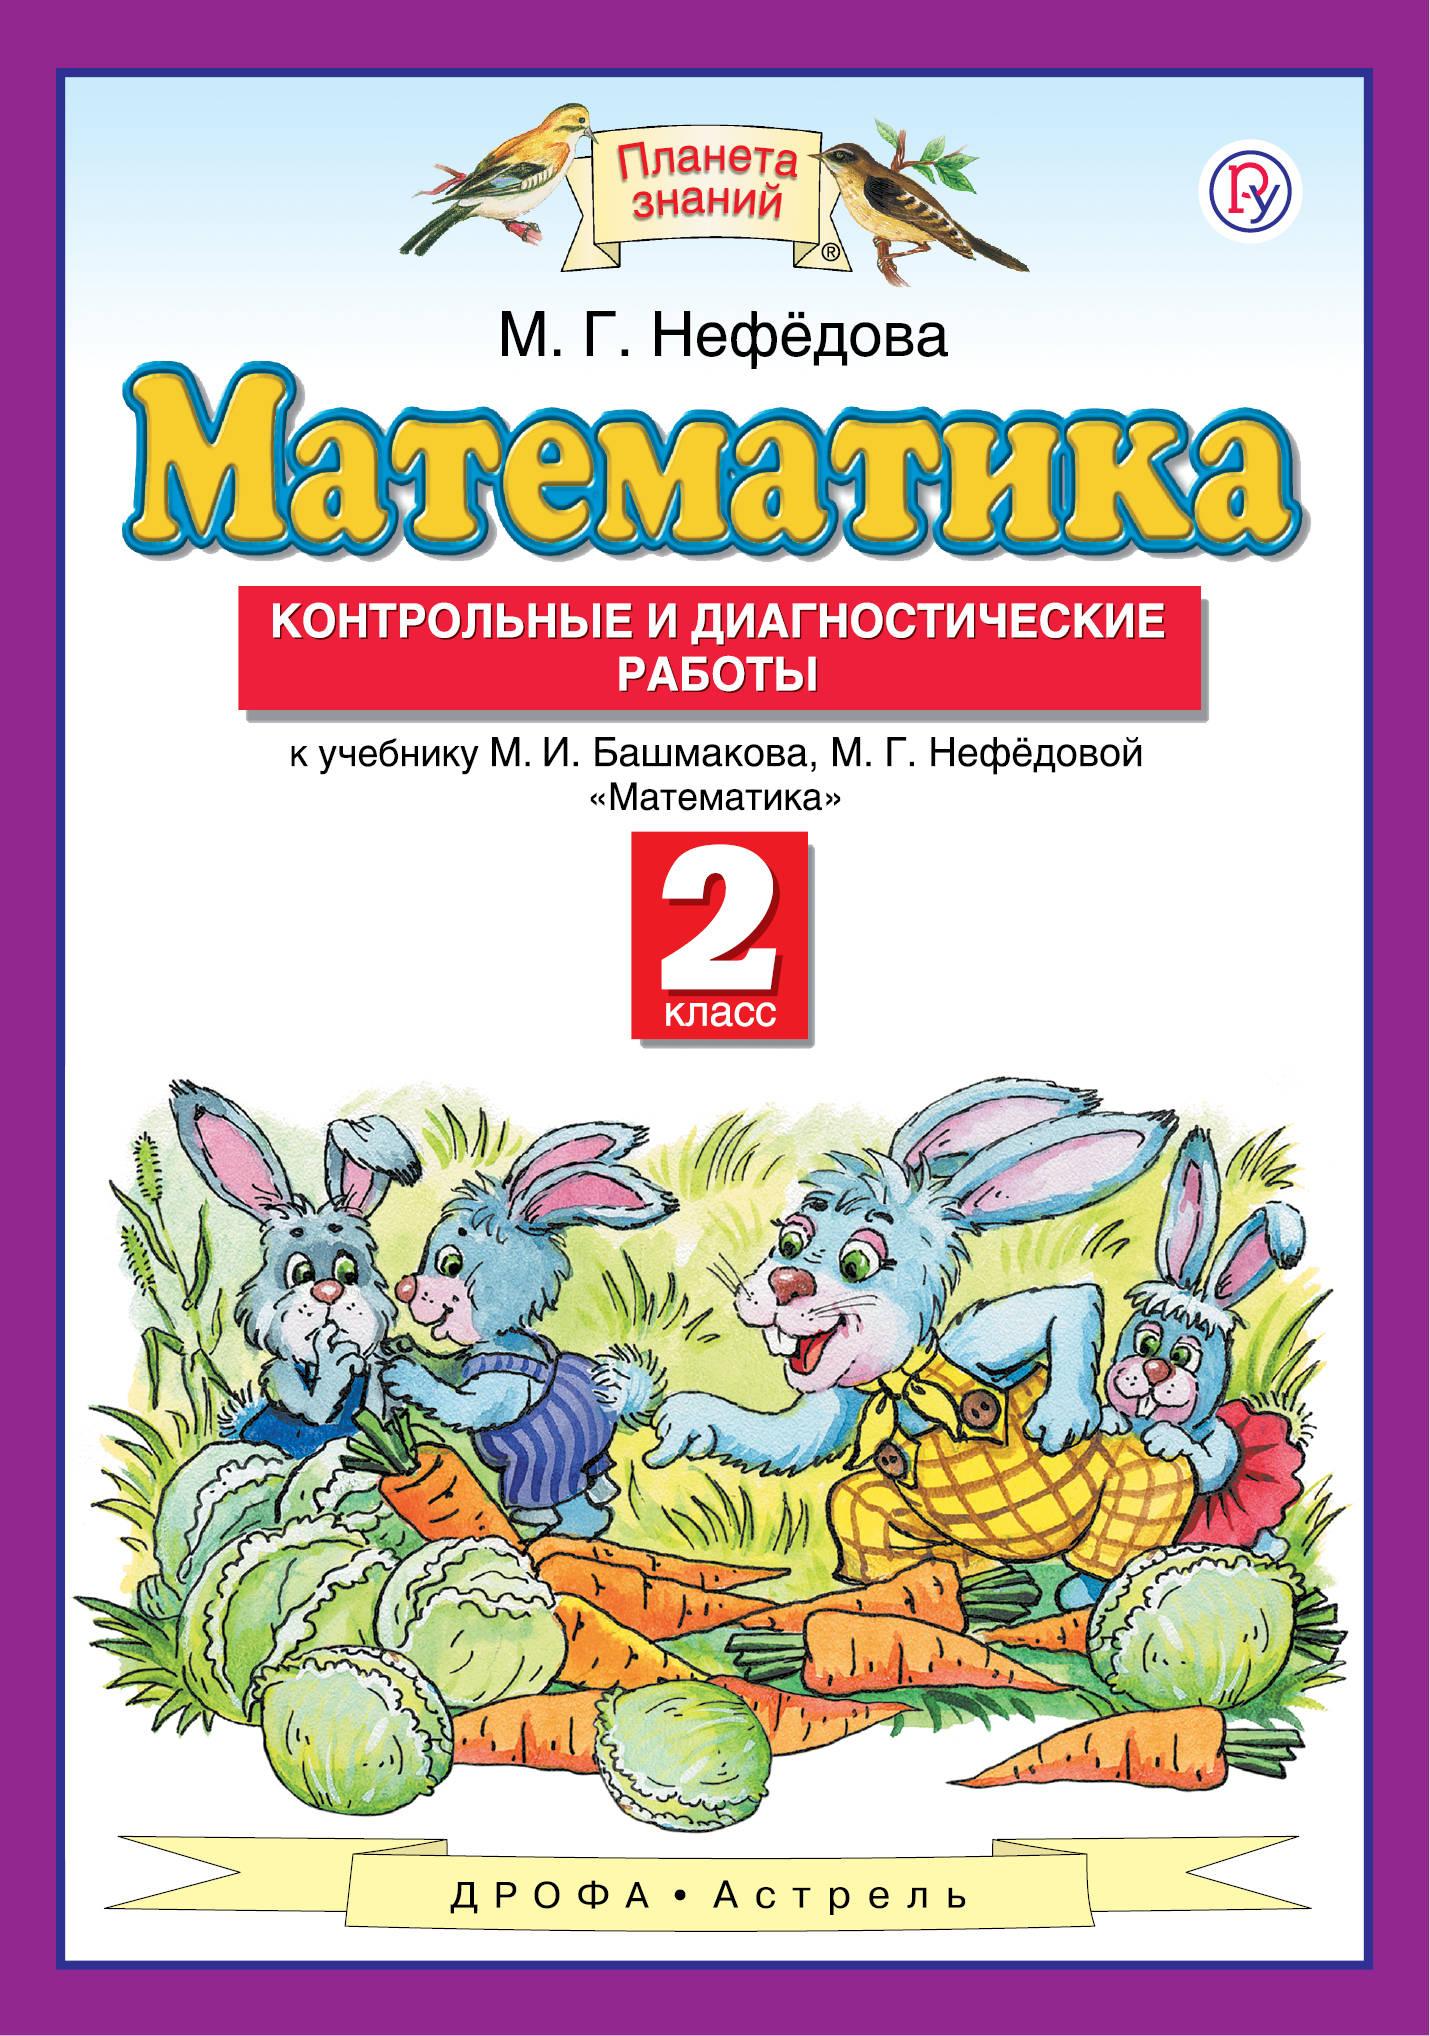 М. Г. Нефедова Математика. 2 класс. Контрольные и диагностические работы